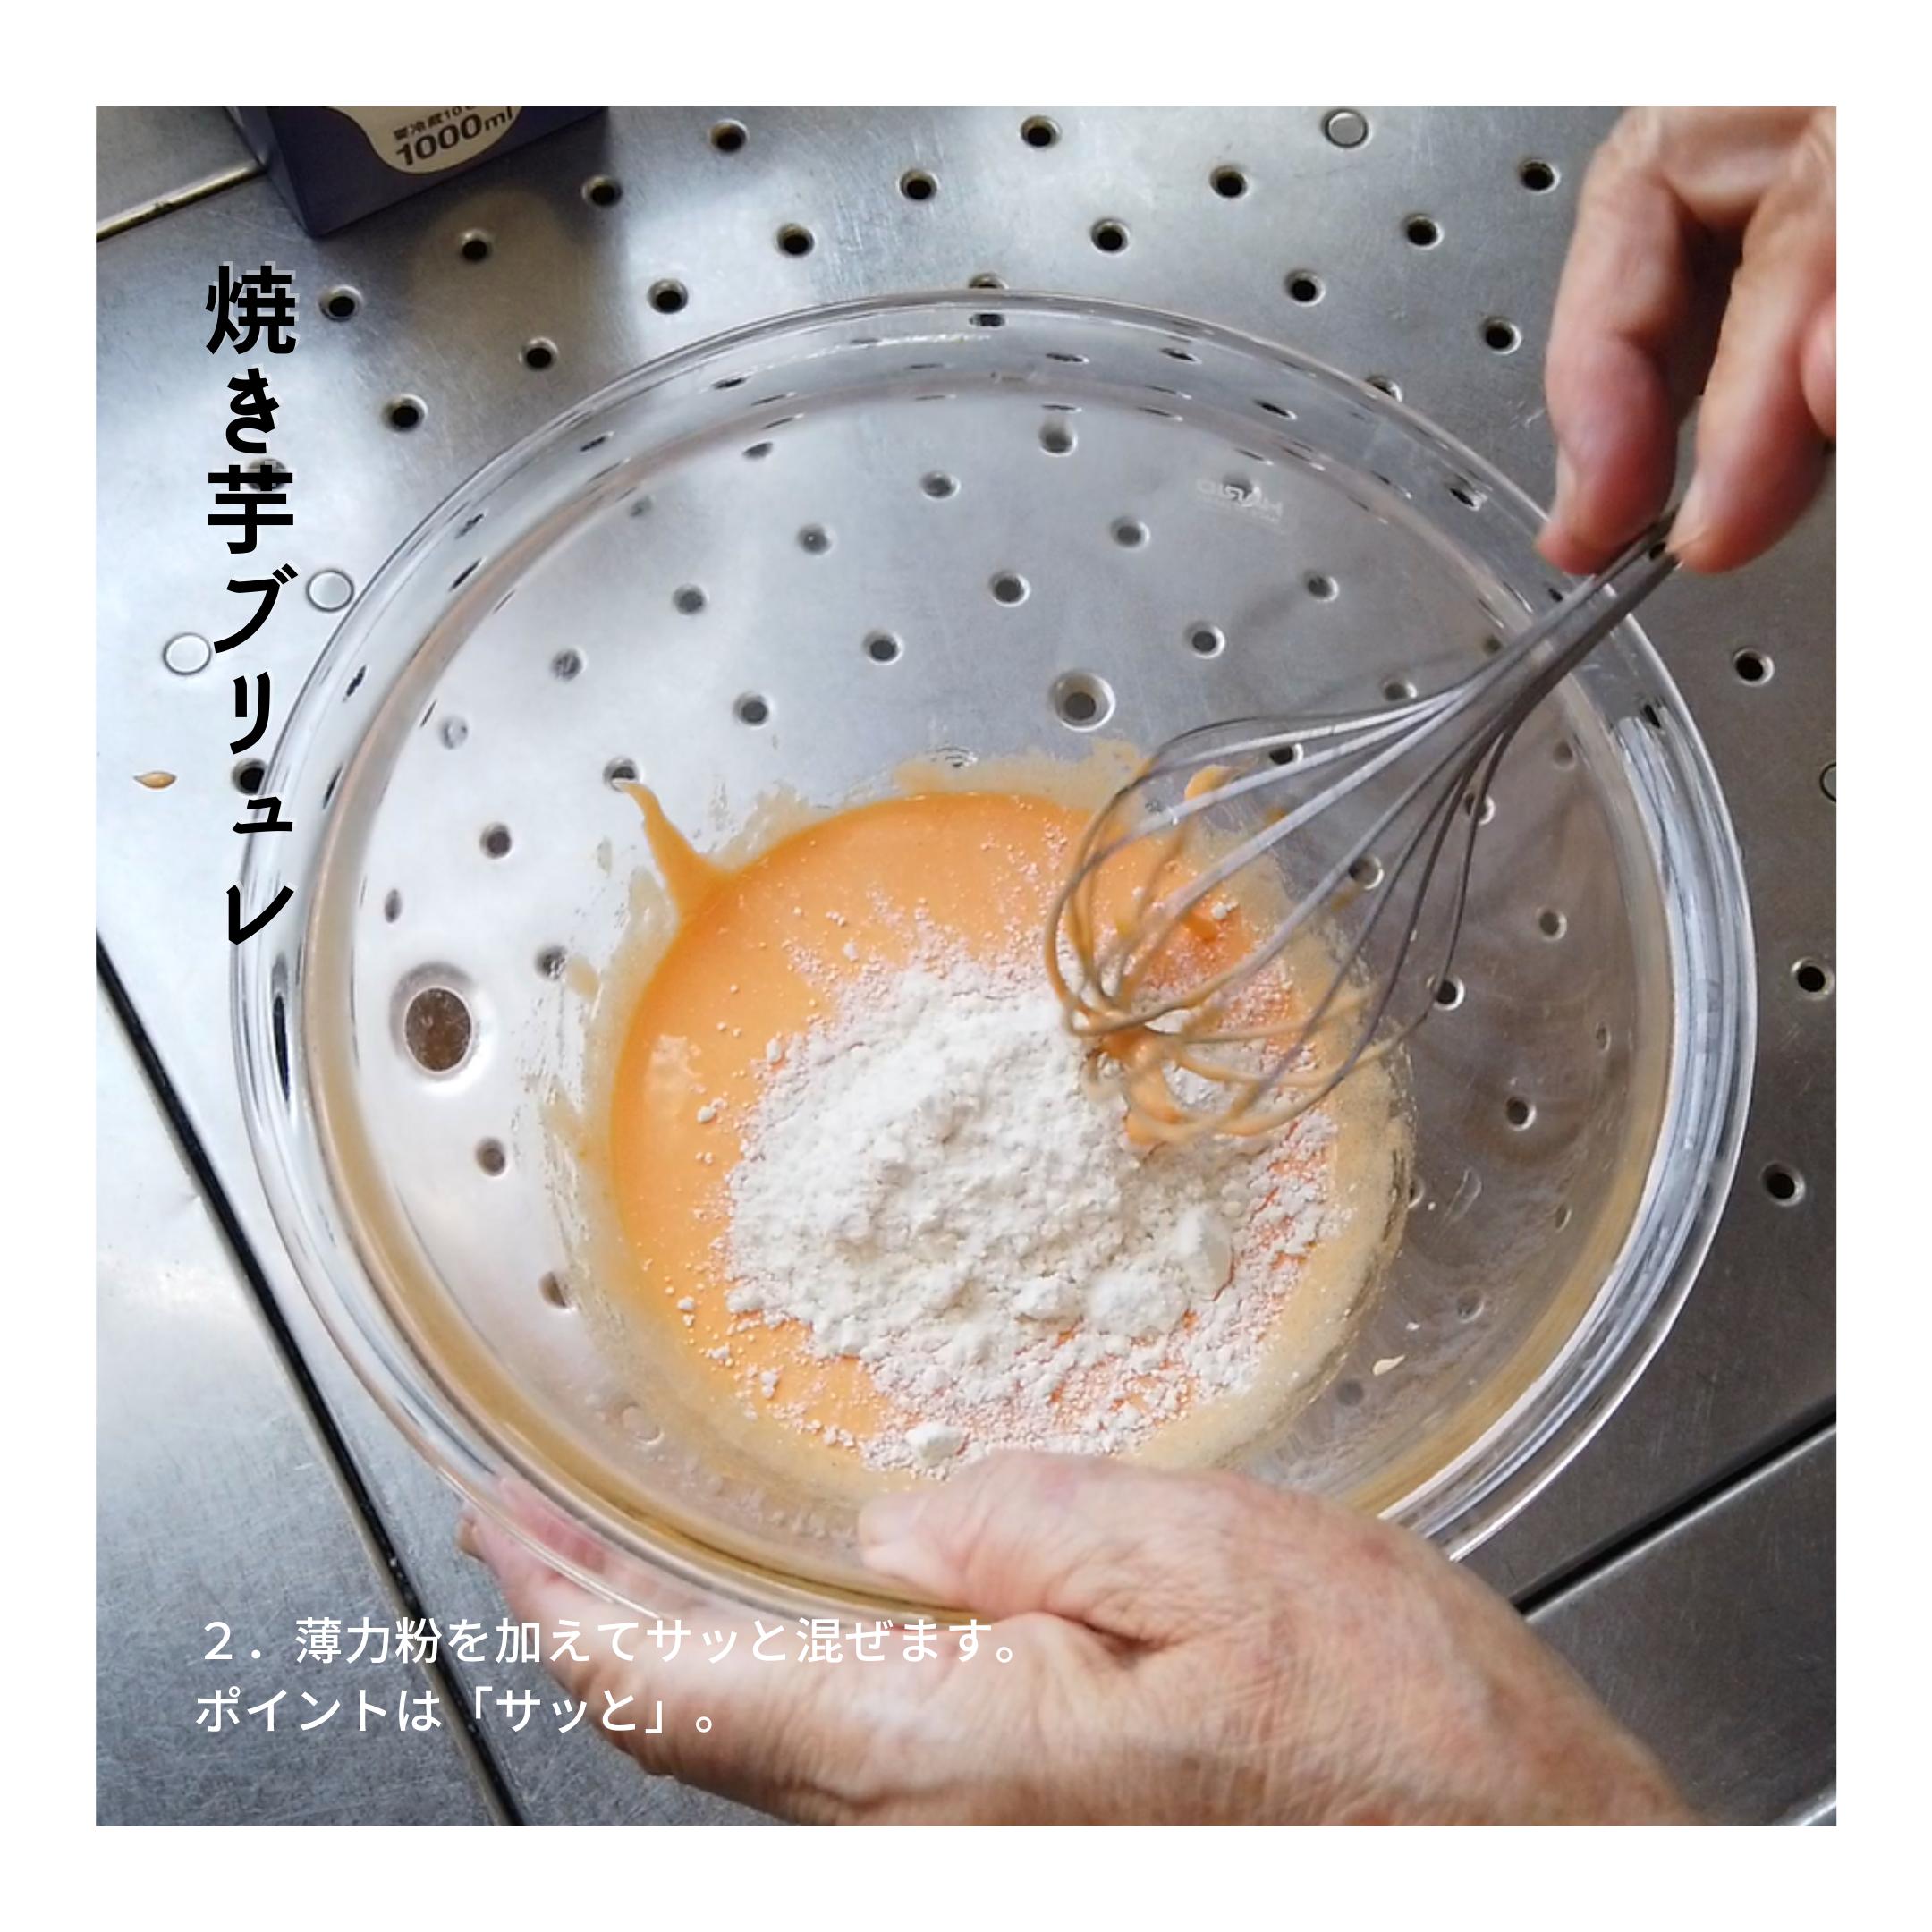 【焼き芋(壺芋)ブリュレの作り方】2.薄力粉を加えてサッと混ぜます。ポイントは「サッと」。